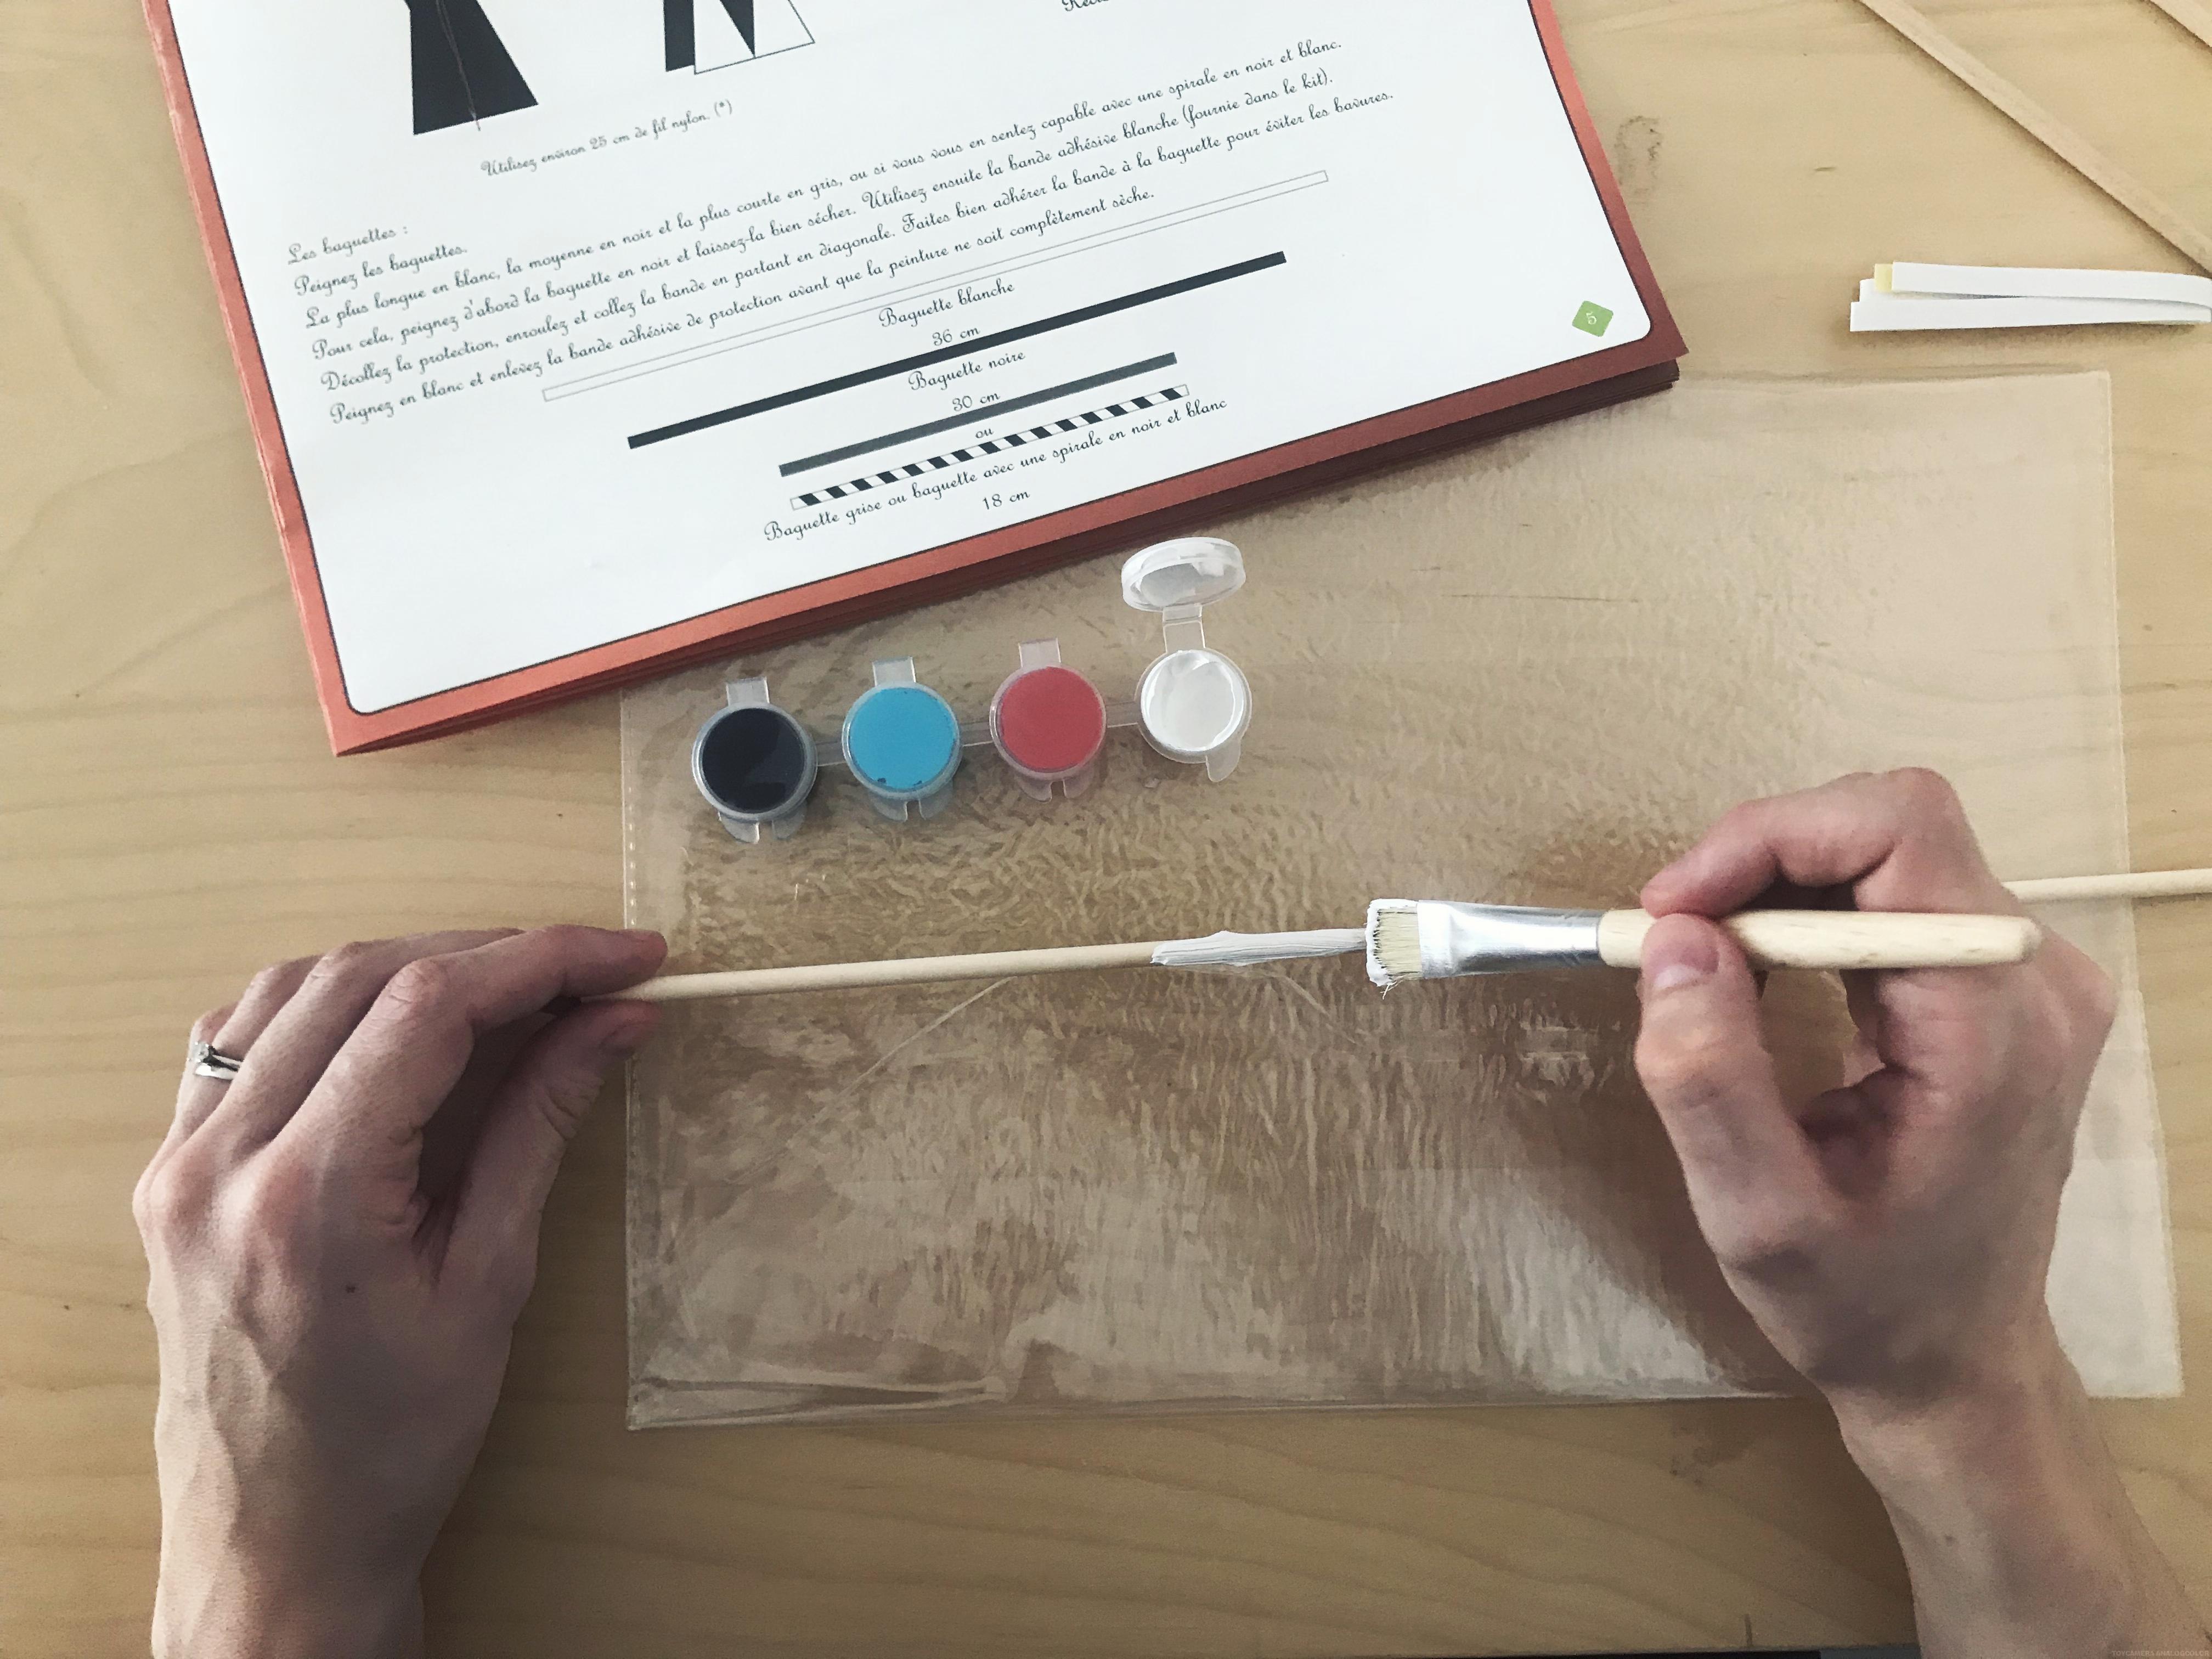 Comment Fabriquer Un Mobile En Bois créer un mobile montessori diy - les caprices d'iris - blog